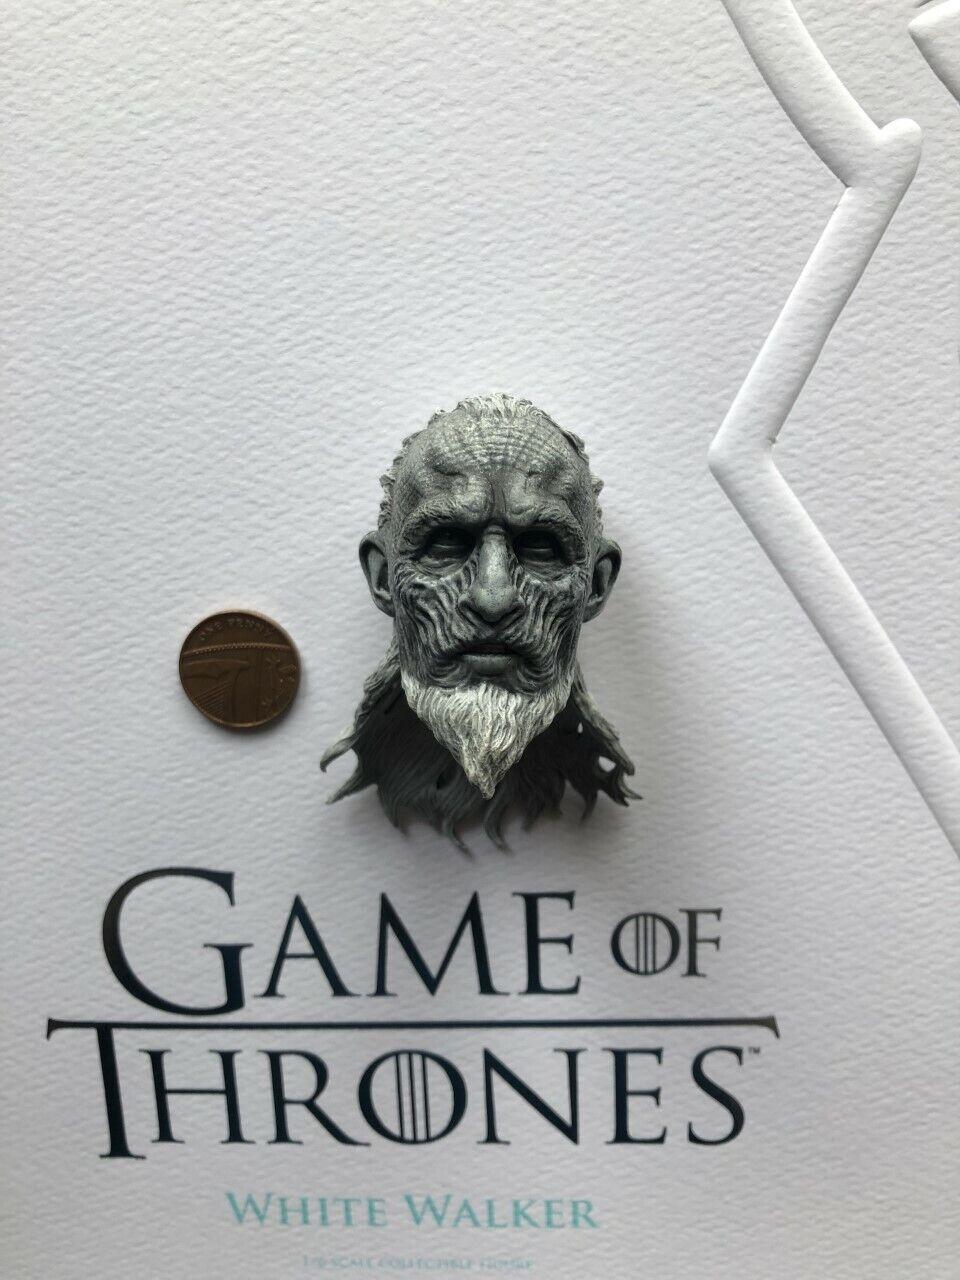 mejor calidad ThreeZero Got Juego of Thrones Thrones Thrones blancoo Walker cabeza esculpida Suelto Escala 1 6th  seguro de calidad